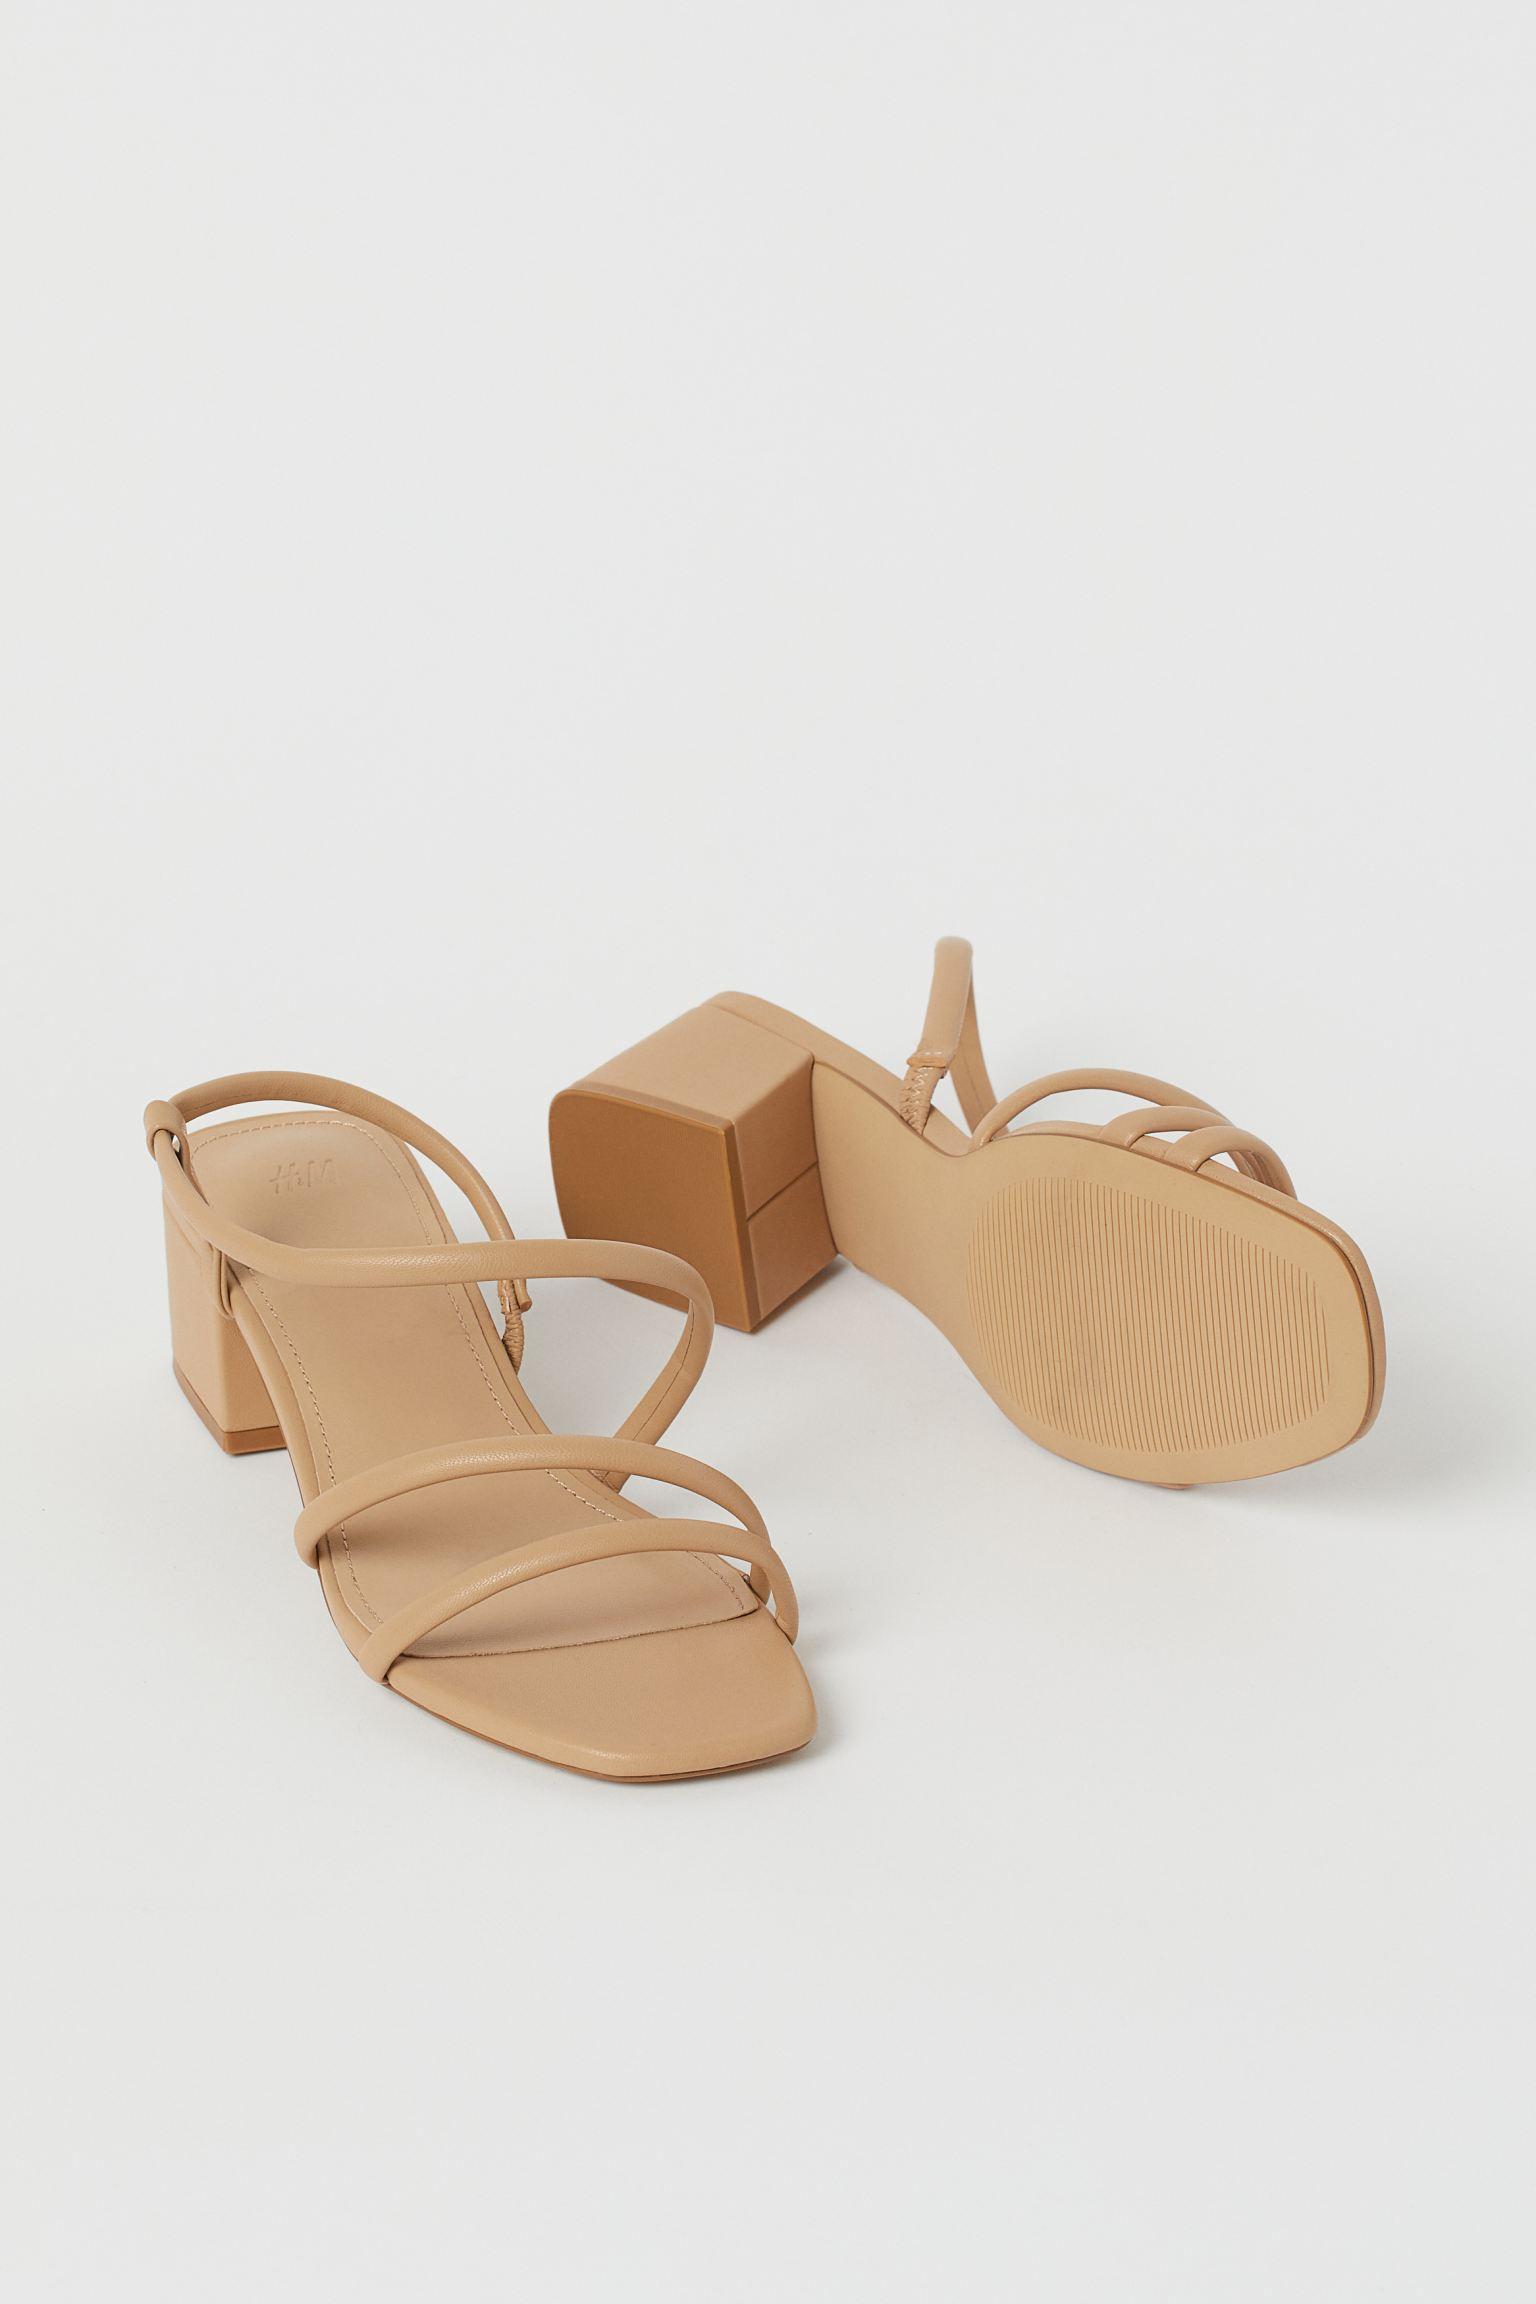 Sandalias con tiras finas, tacón cuadrado revestido y plantillas en piel sintética. Tacón 4,5 cm.